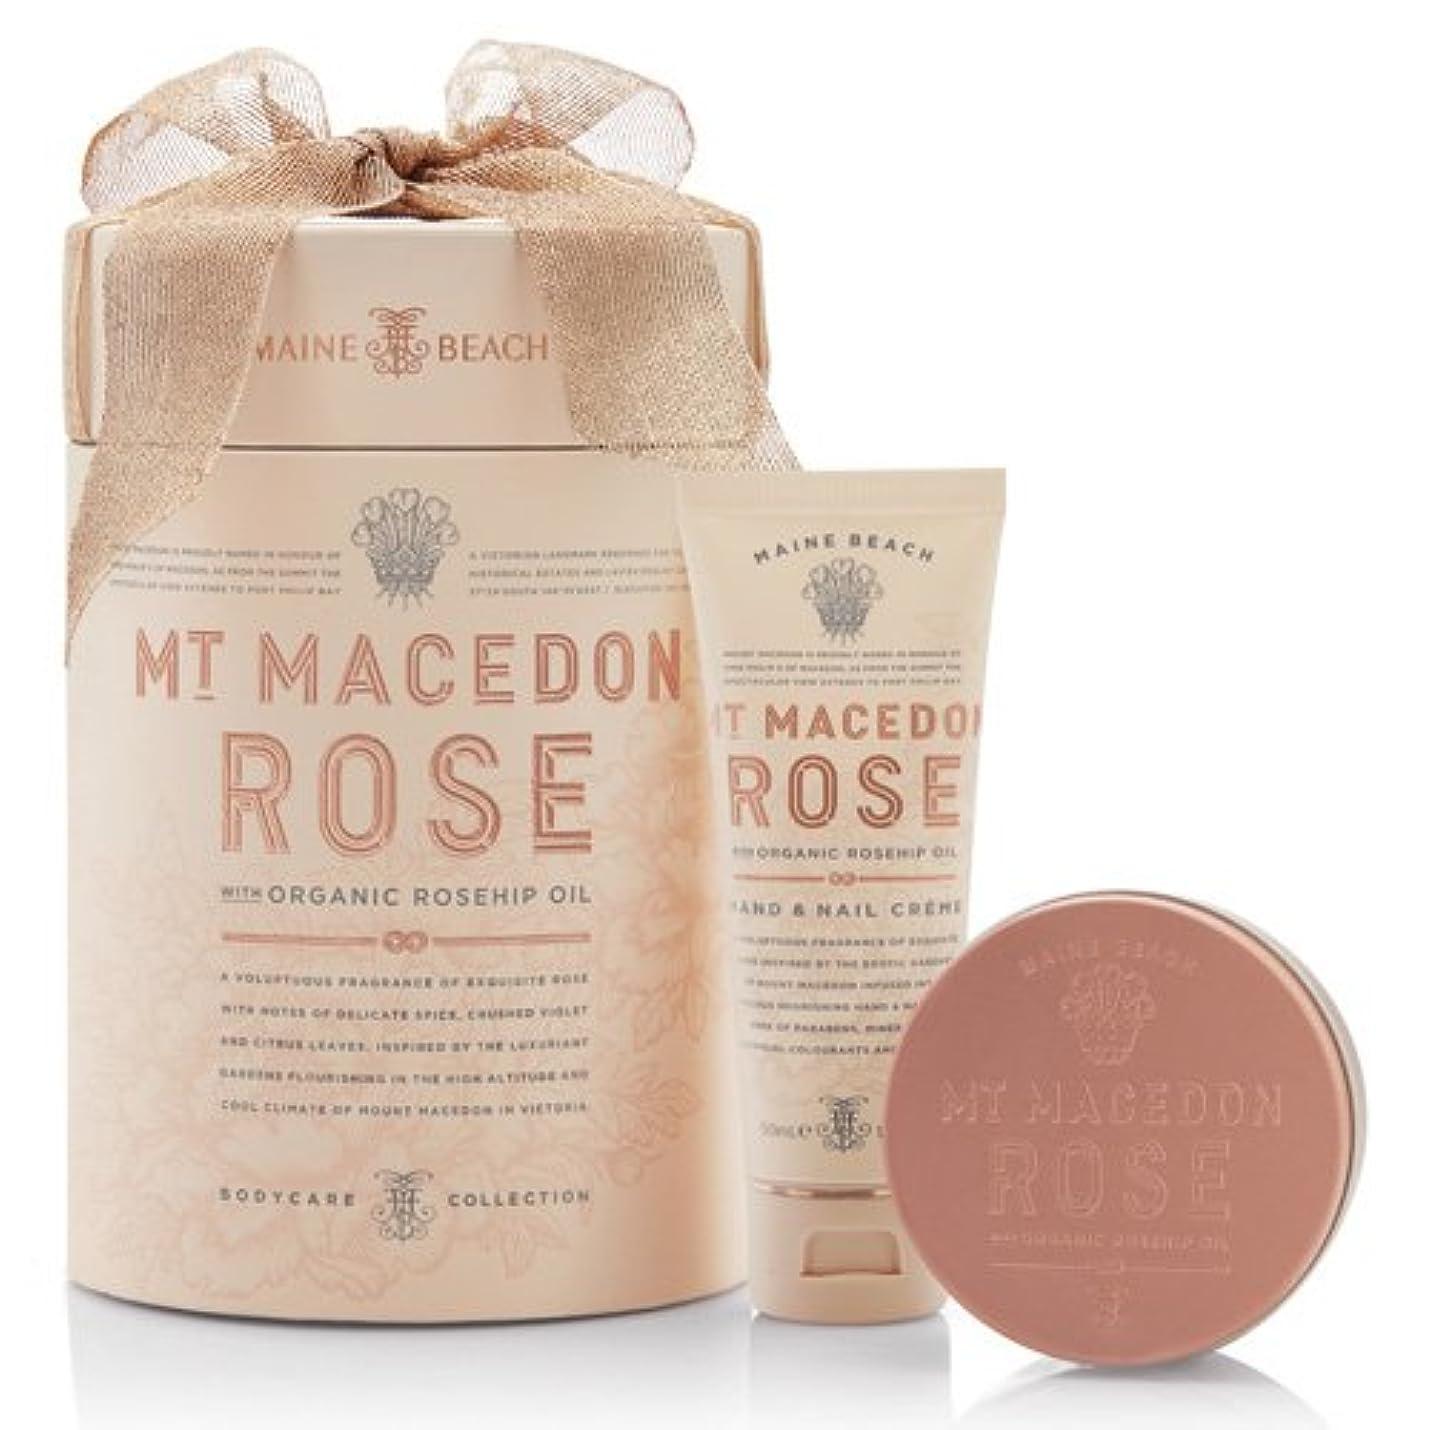 カール薄い下にMAINE BEACH マインビーチ MT MACEDON ROSE マウント マセドン ローズ Duo Gift Pack